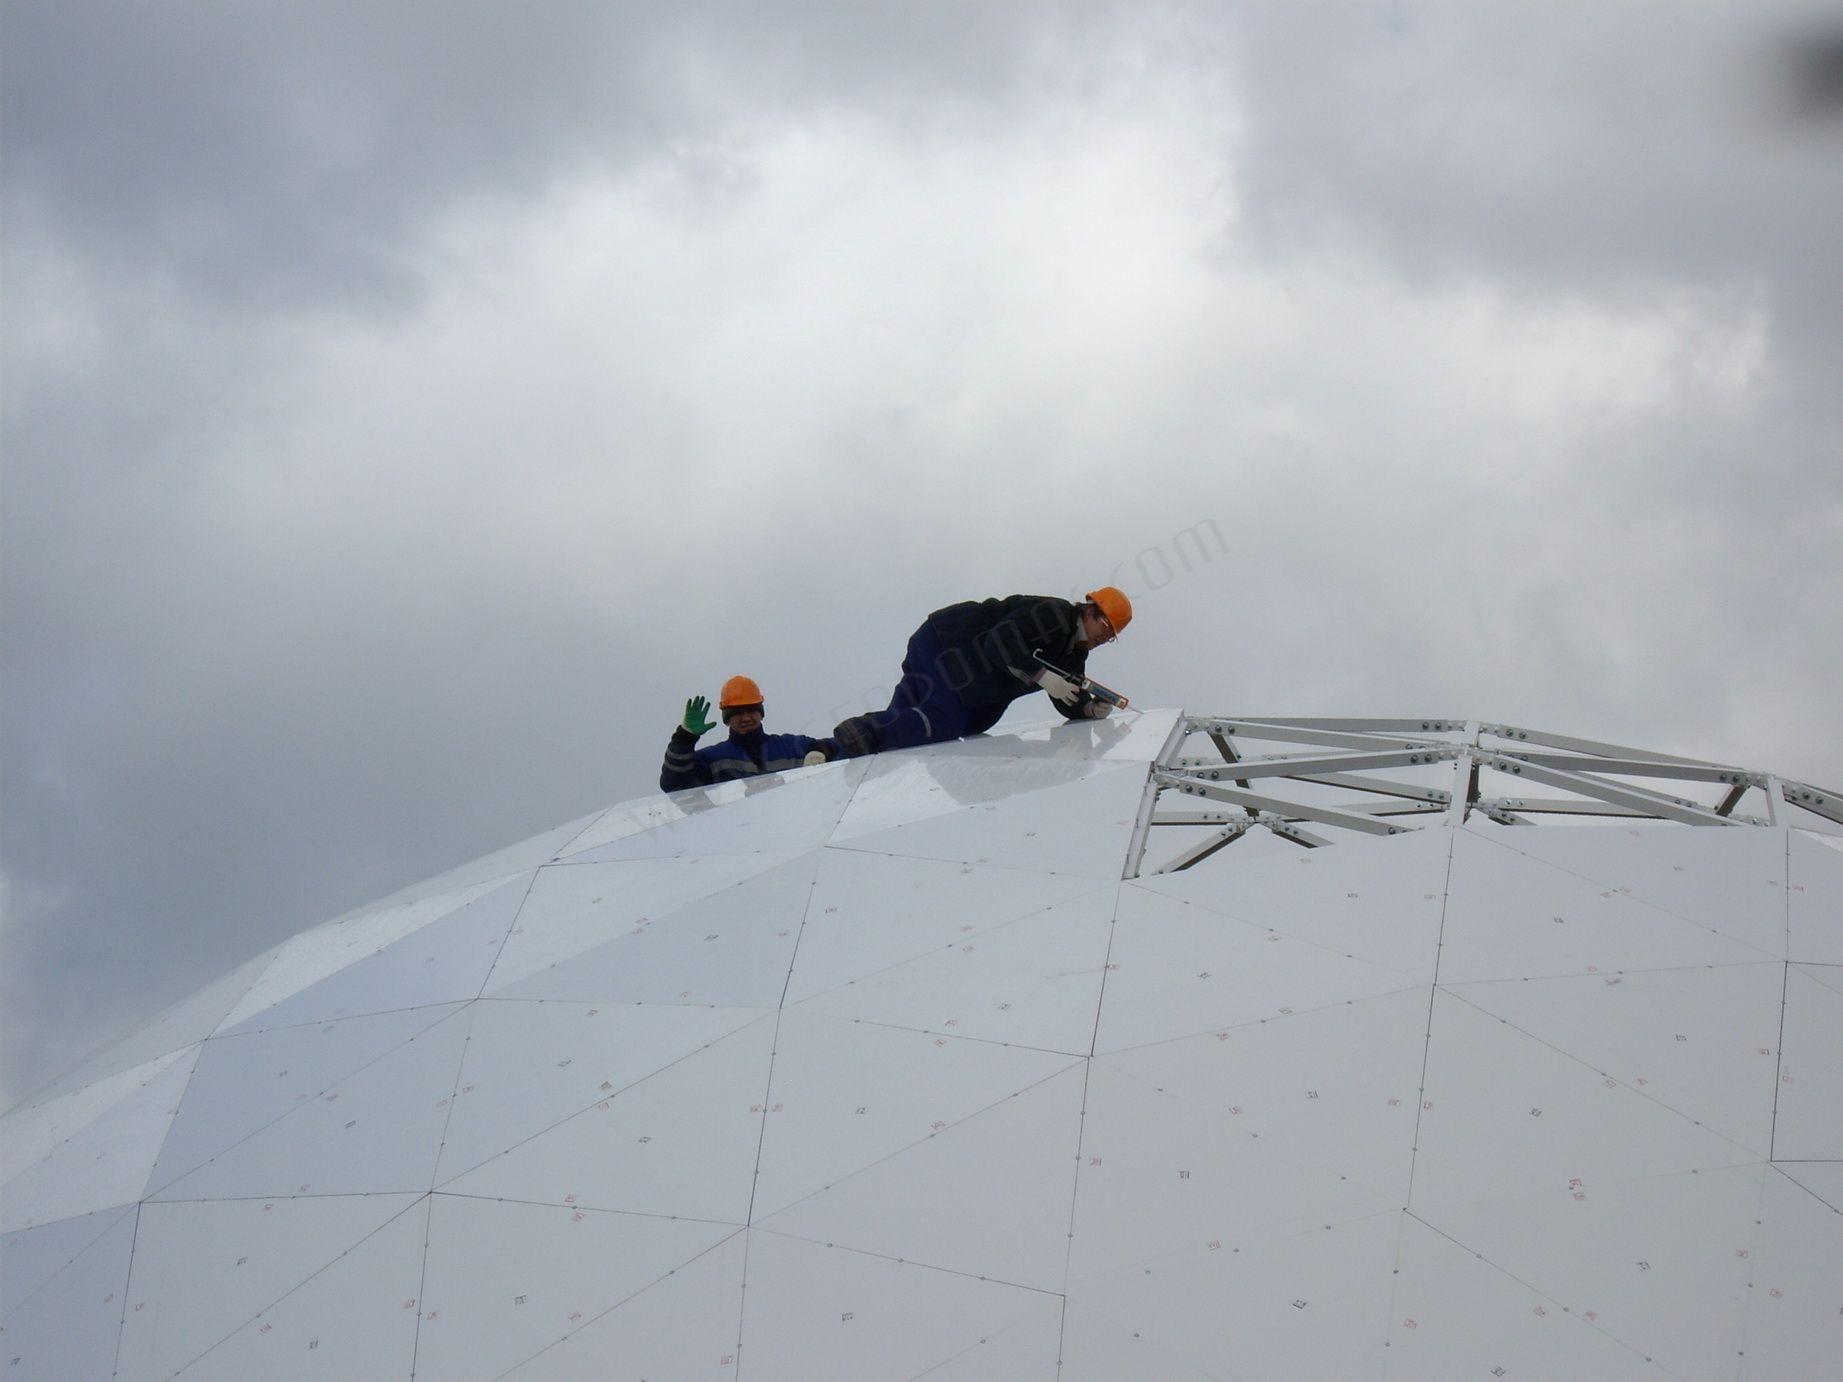 Mobilus Šiltas Kupolas Renginių Klubas VO3DUX | Kupolai Ø20m & Ø6m, Rusija